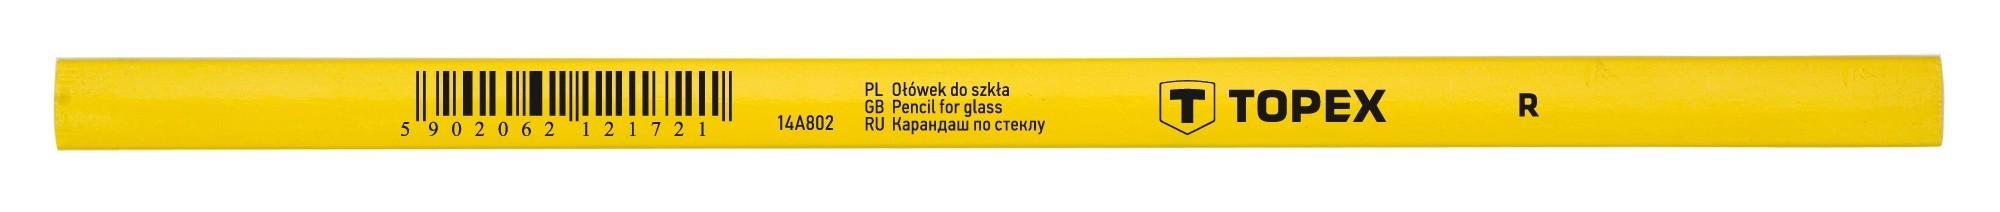 Ácsceruza 240 mm, sárga, üvegre | TOPEX 14A802